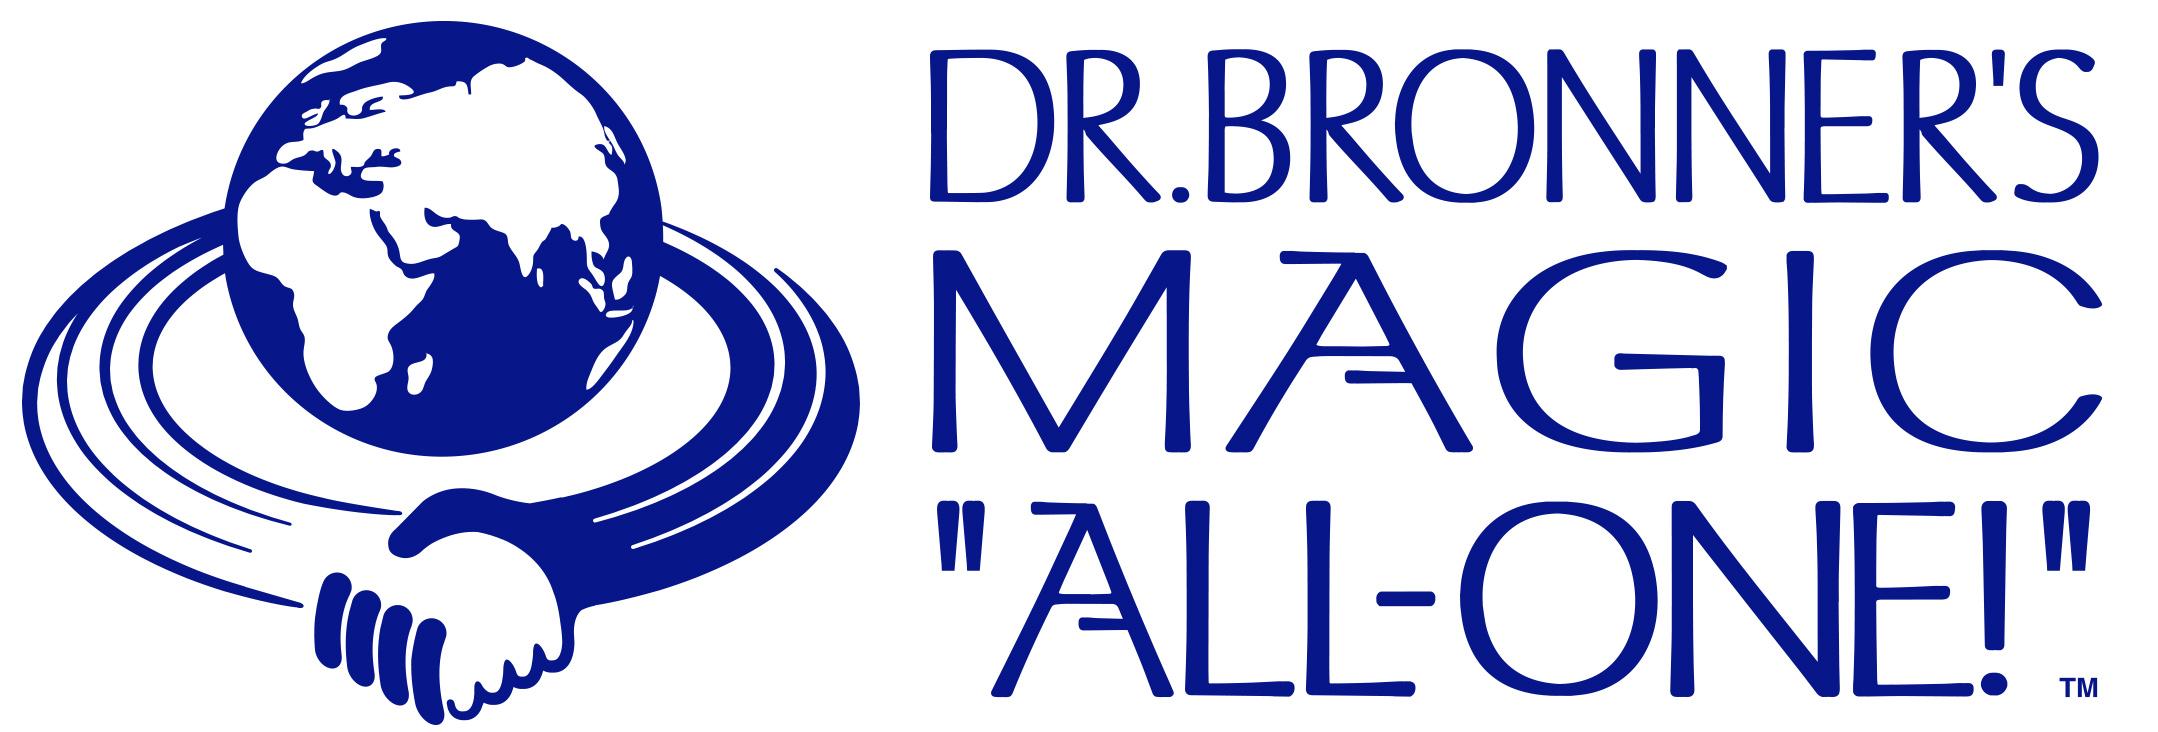 drb_horizontal_logo_color.jpg